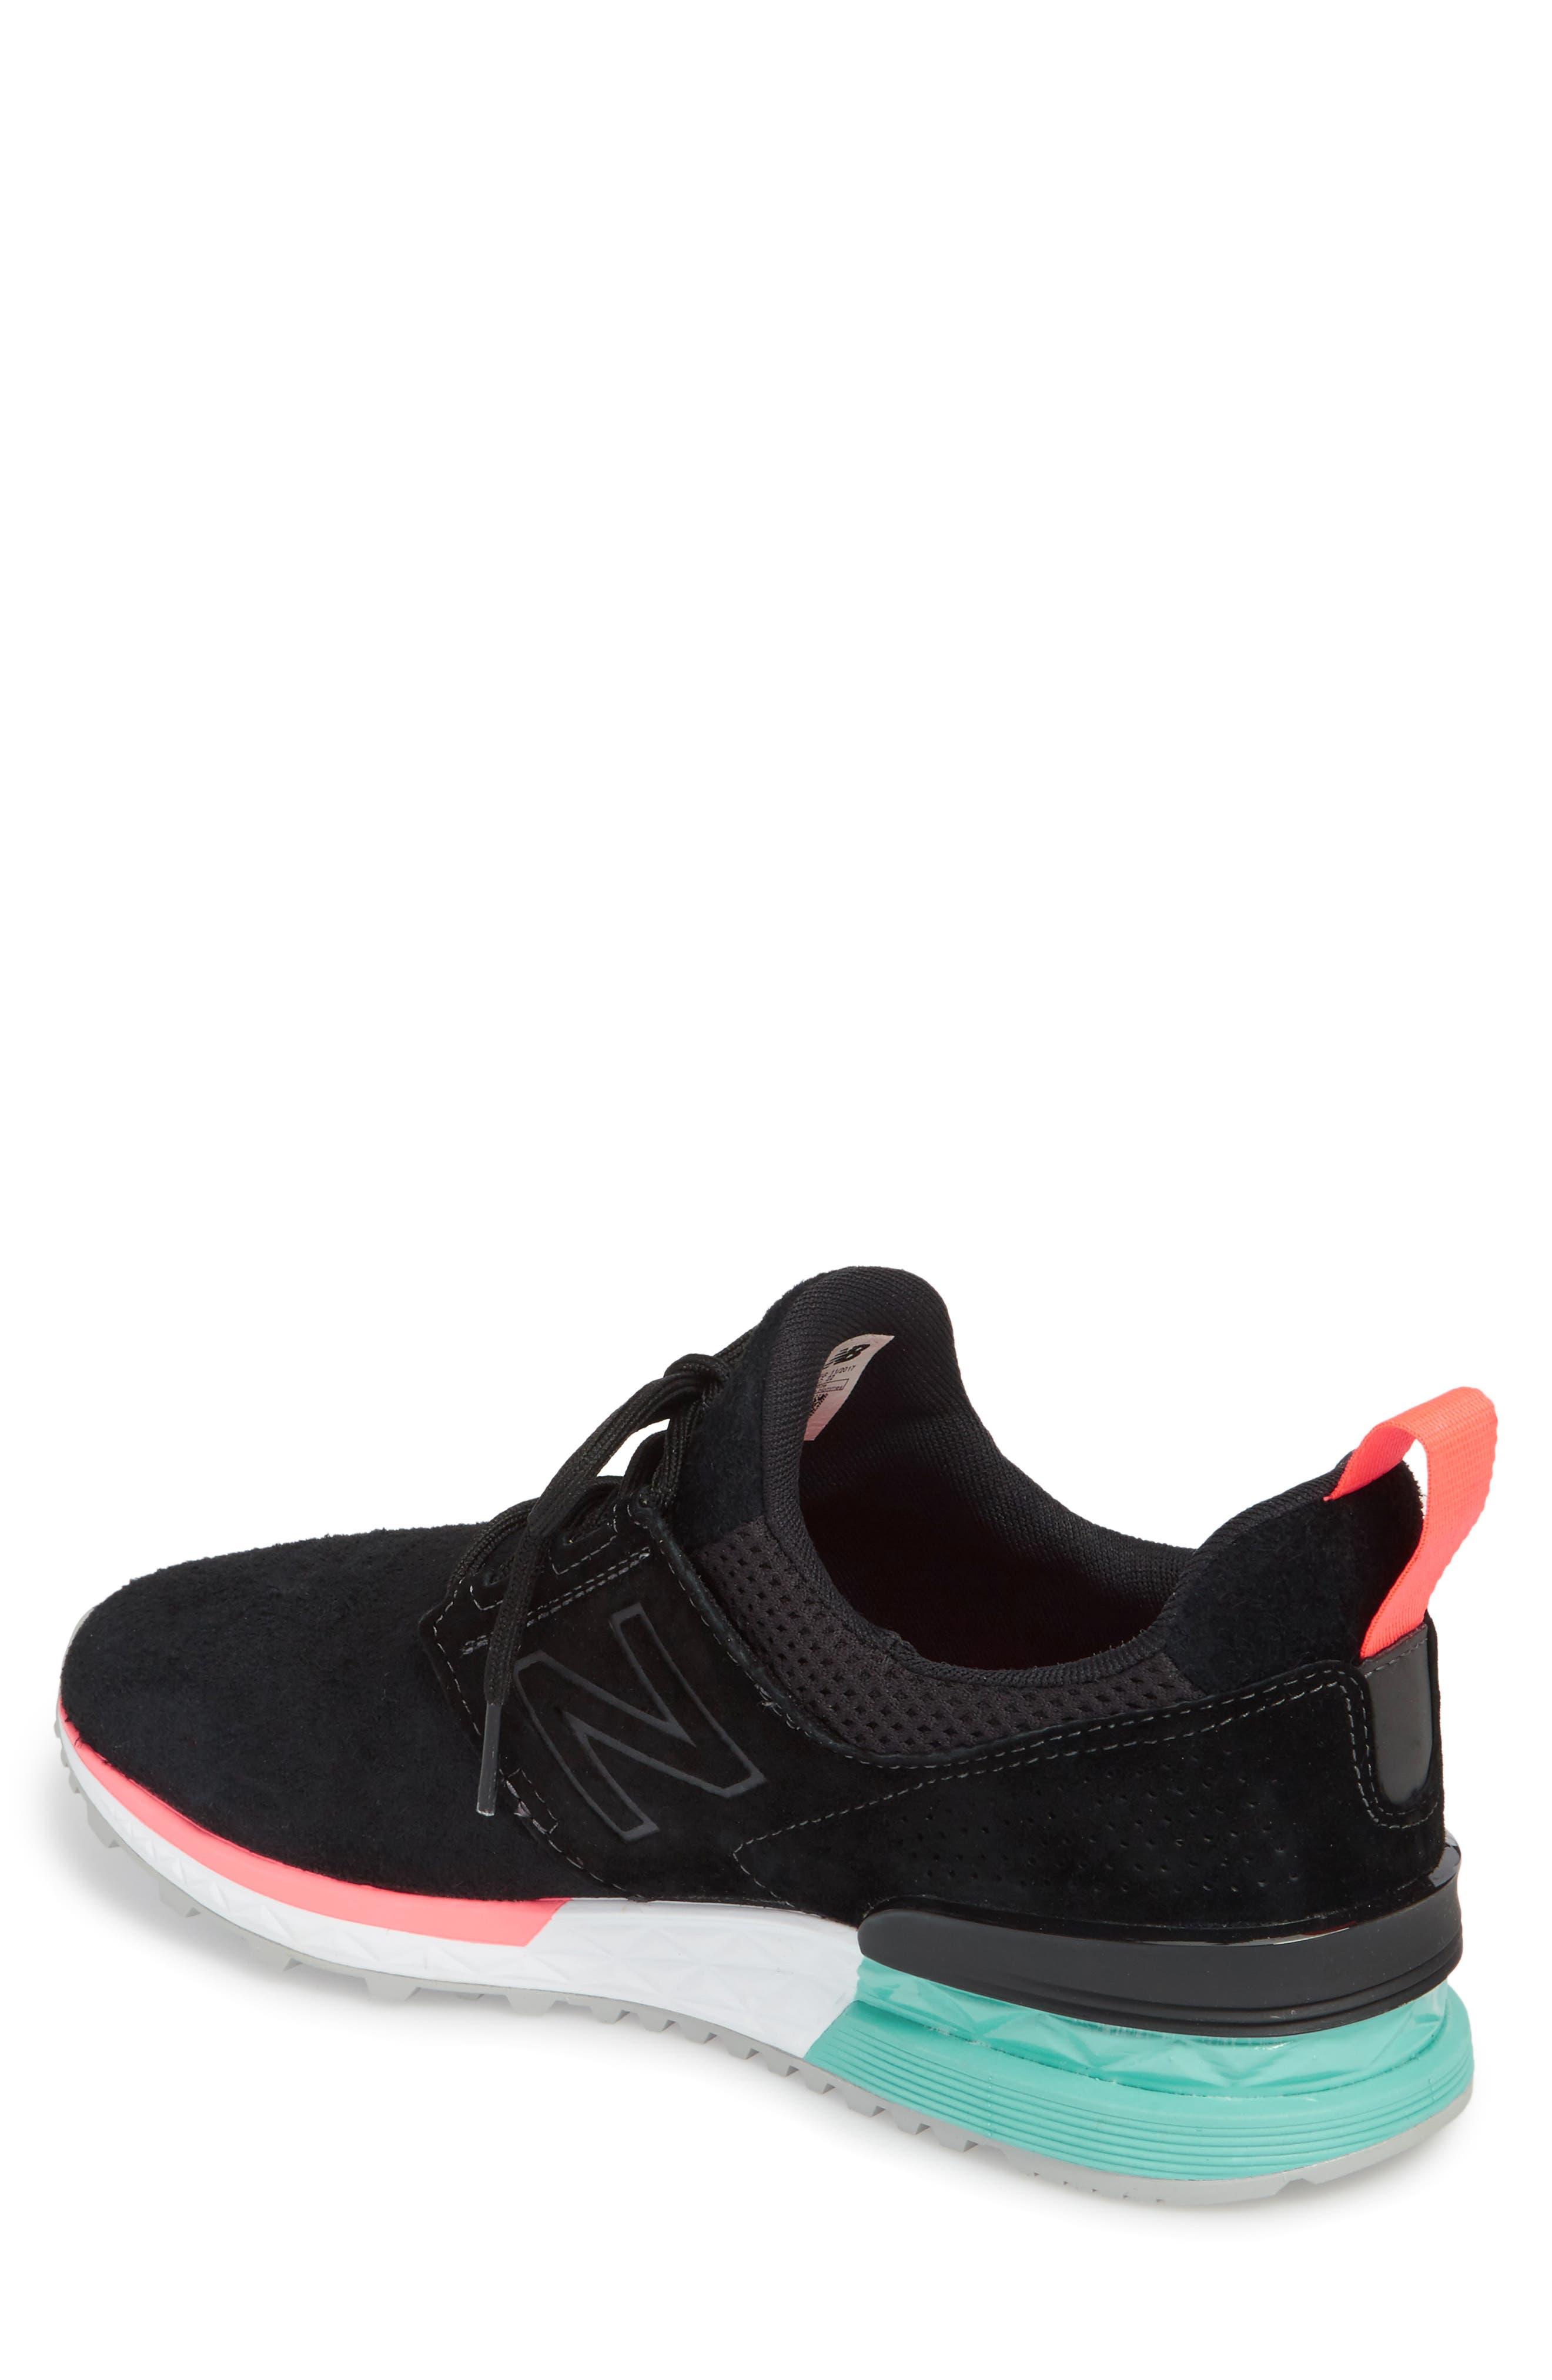 574 Sport Sneaker,                             Alternate thumbnail 2, color,